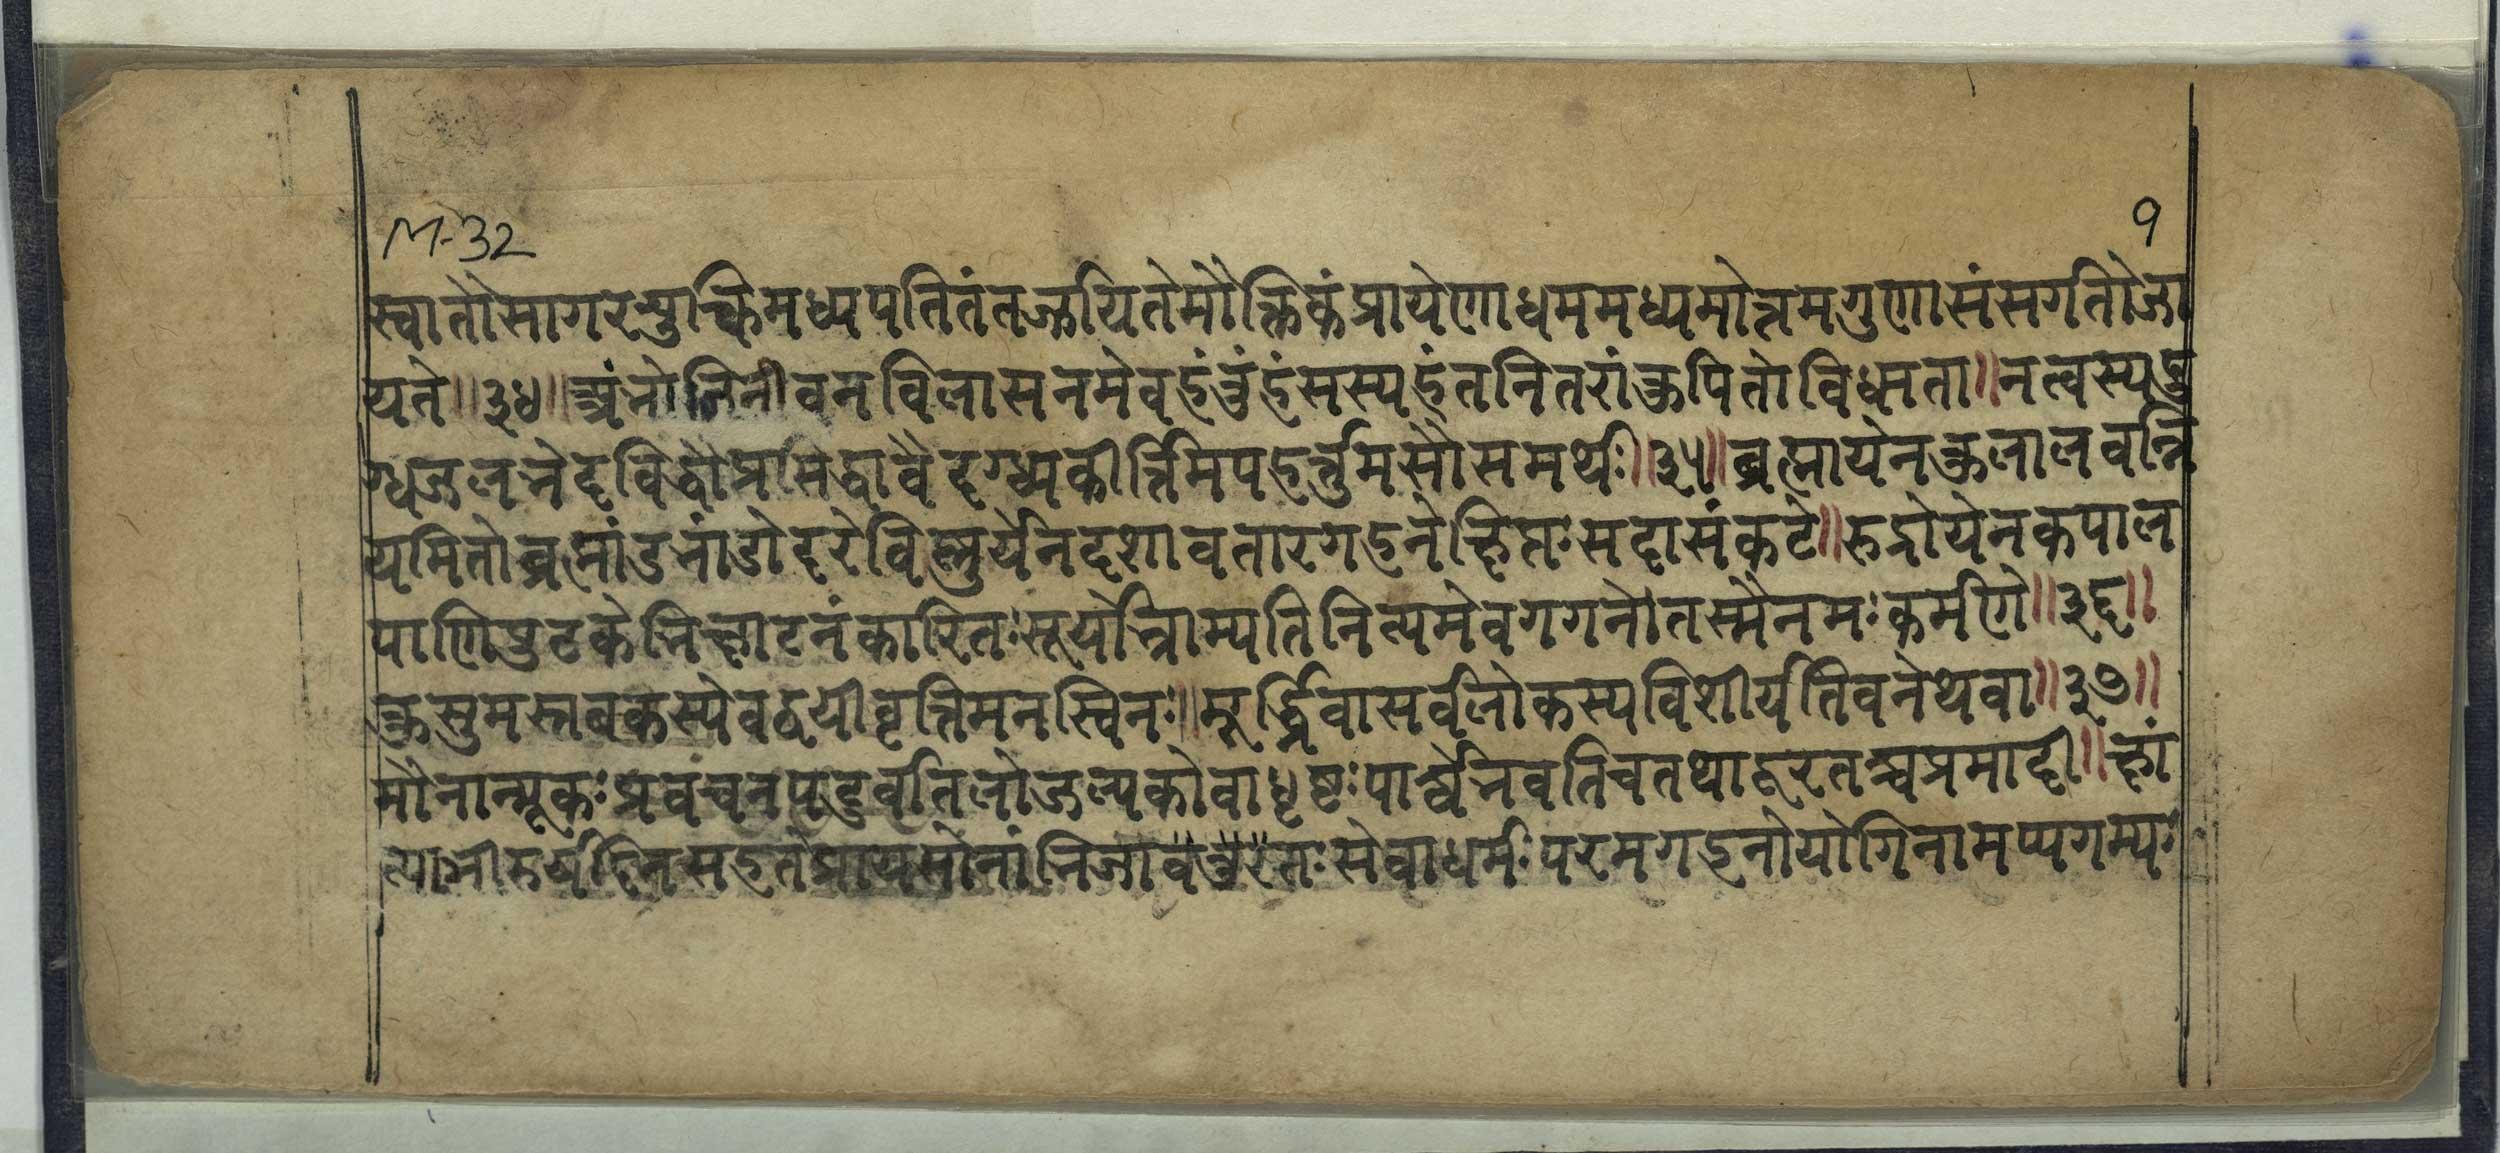 isha upanishad sanskrit with english translation pdf